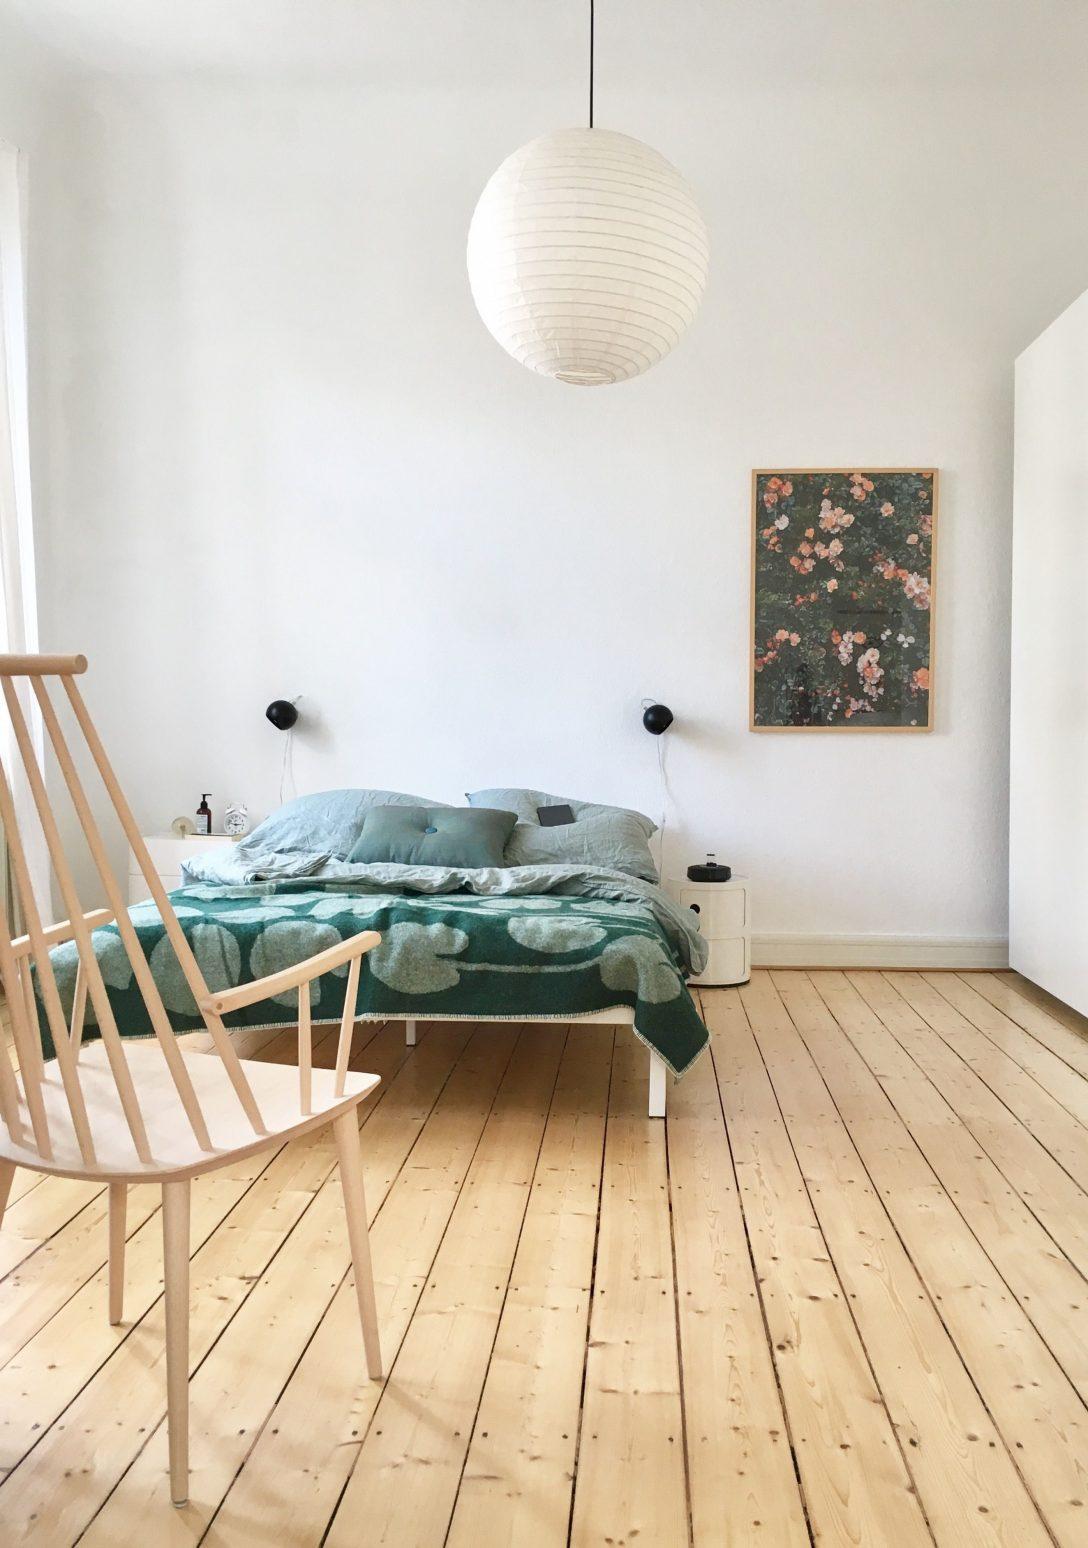 Large Size of Einrichten Grau Led Deckenleuchte Lampen Komplett Günstig Teppich Set Weiß Rauch Betten Vorhänge Wandleuchte Kleines Badezimmer Neu Gestalten Landhausstil Wohnzimmer Schlafzimmer Gestalten